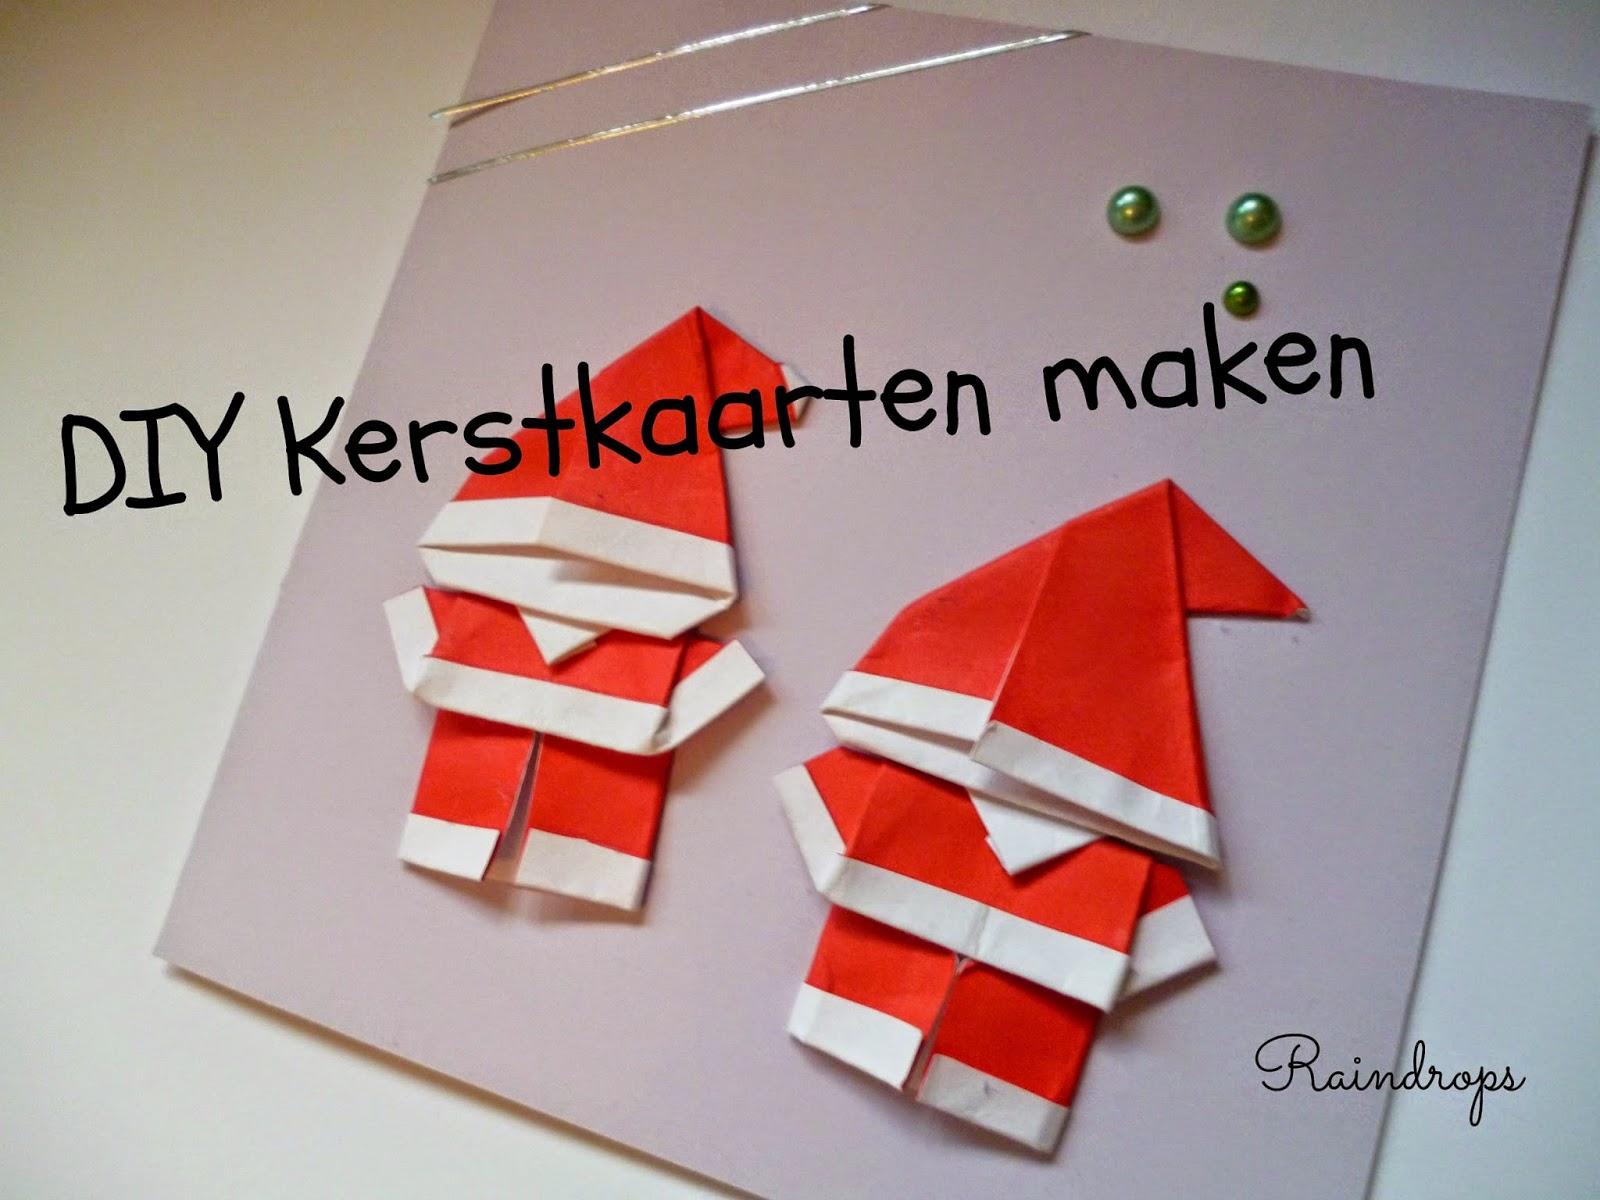 New Raindrops: DIY Kerstkaarten maken #PL57